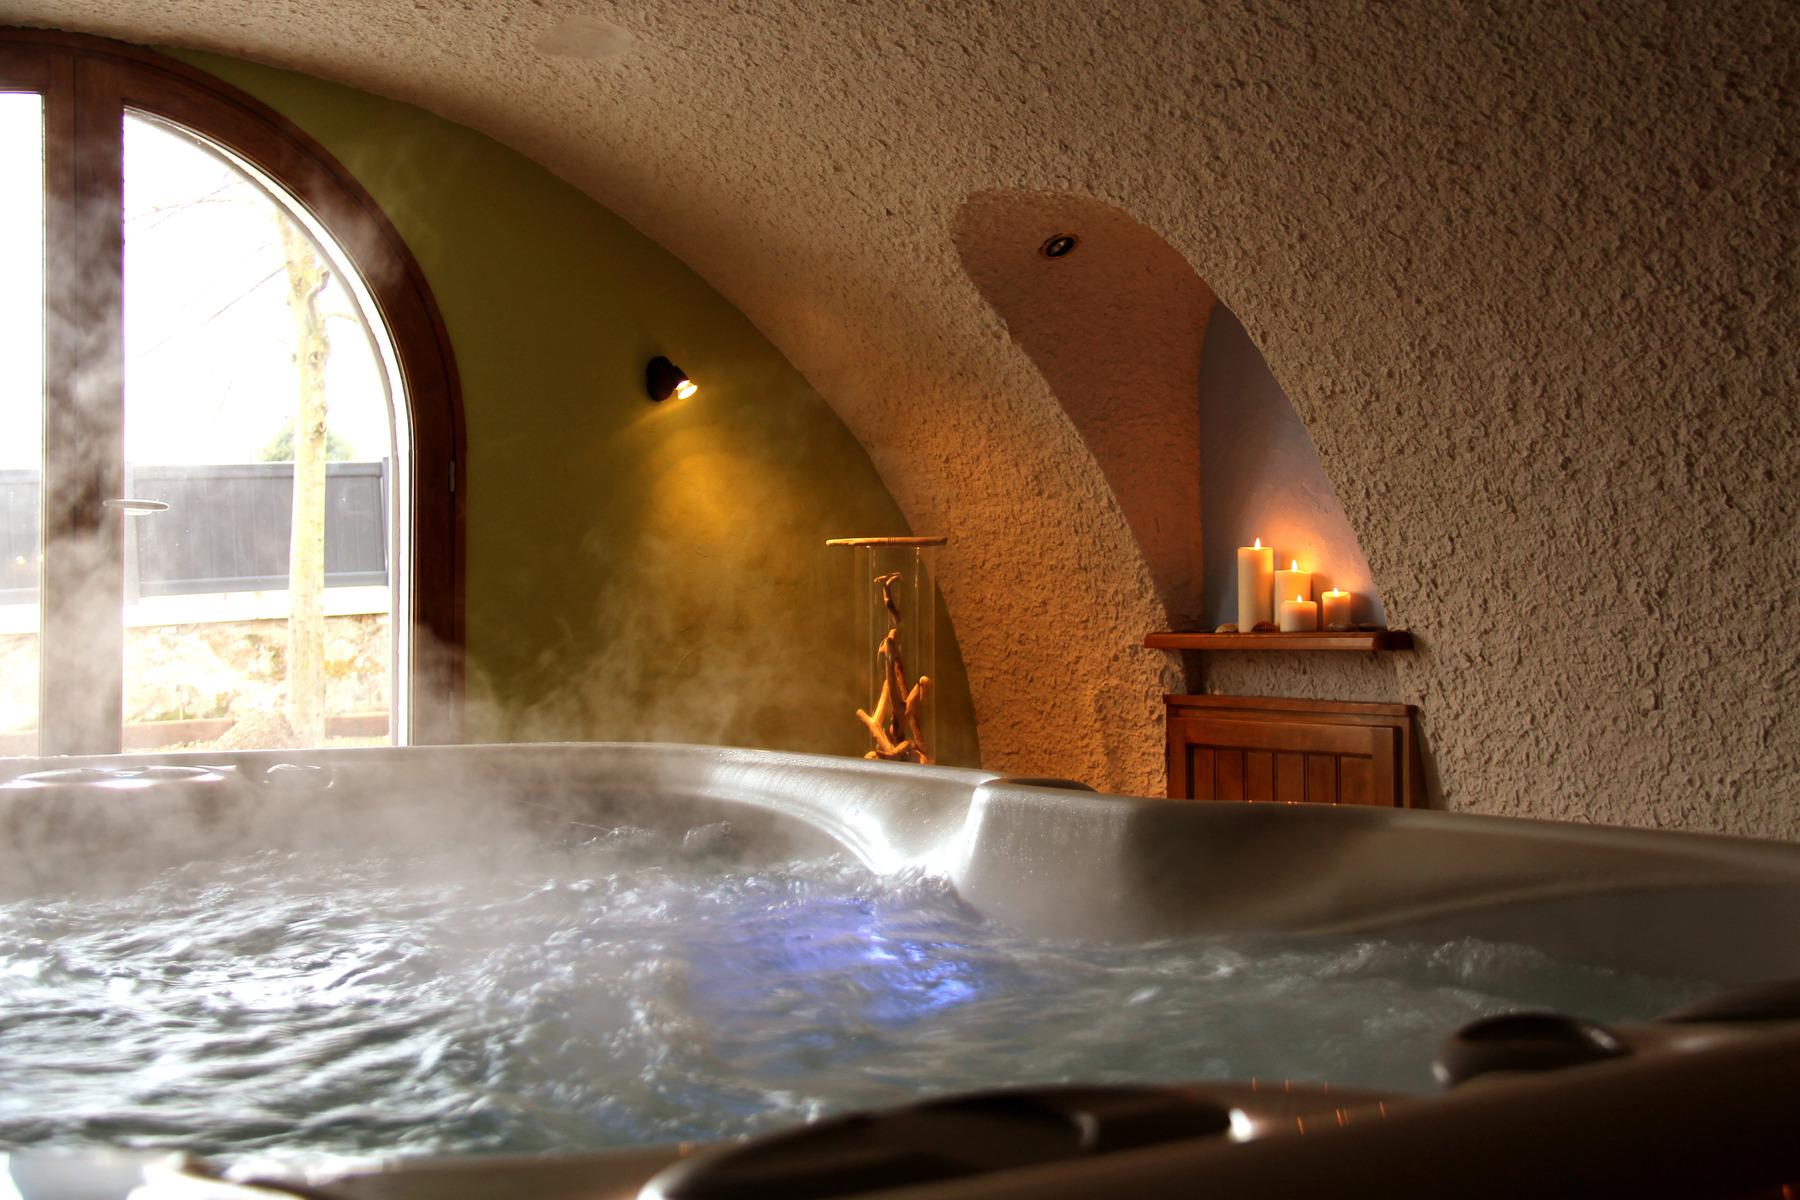 chambre d 39 h tes avec spa c te roannaise chambre d 39 h tes avec sauna domaine delabaude. Black Bedroom Furniture Sets. Home Design Ideas